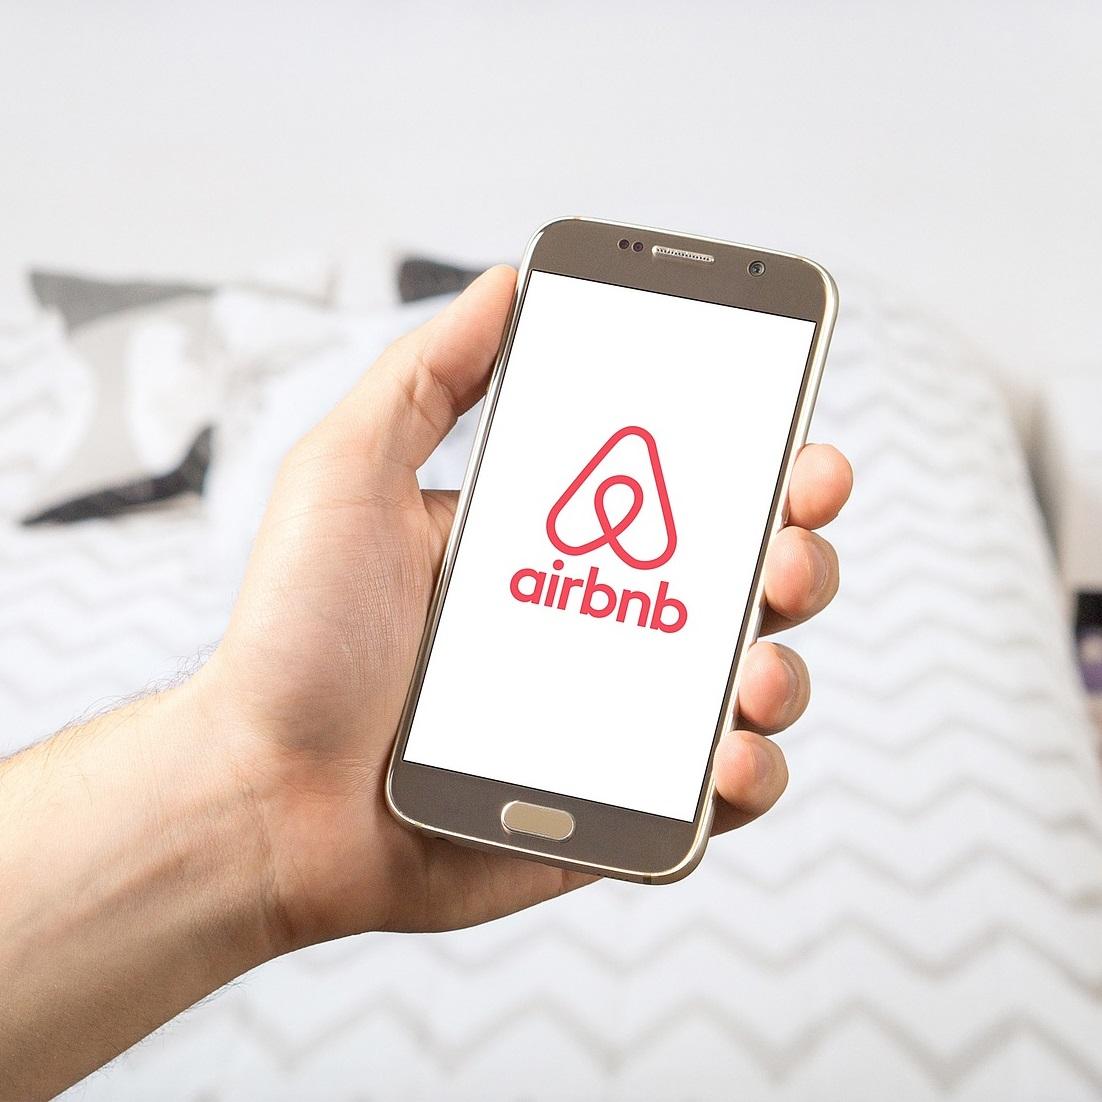 OGH-Urteil zur Kurzzeitvermietung über Airbnb – wann Mieter gekündigt werden dürfen